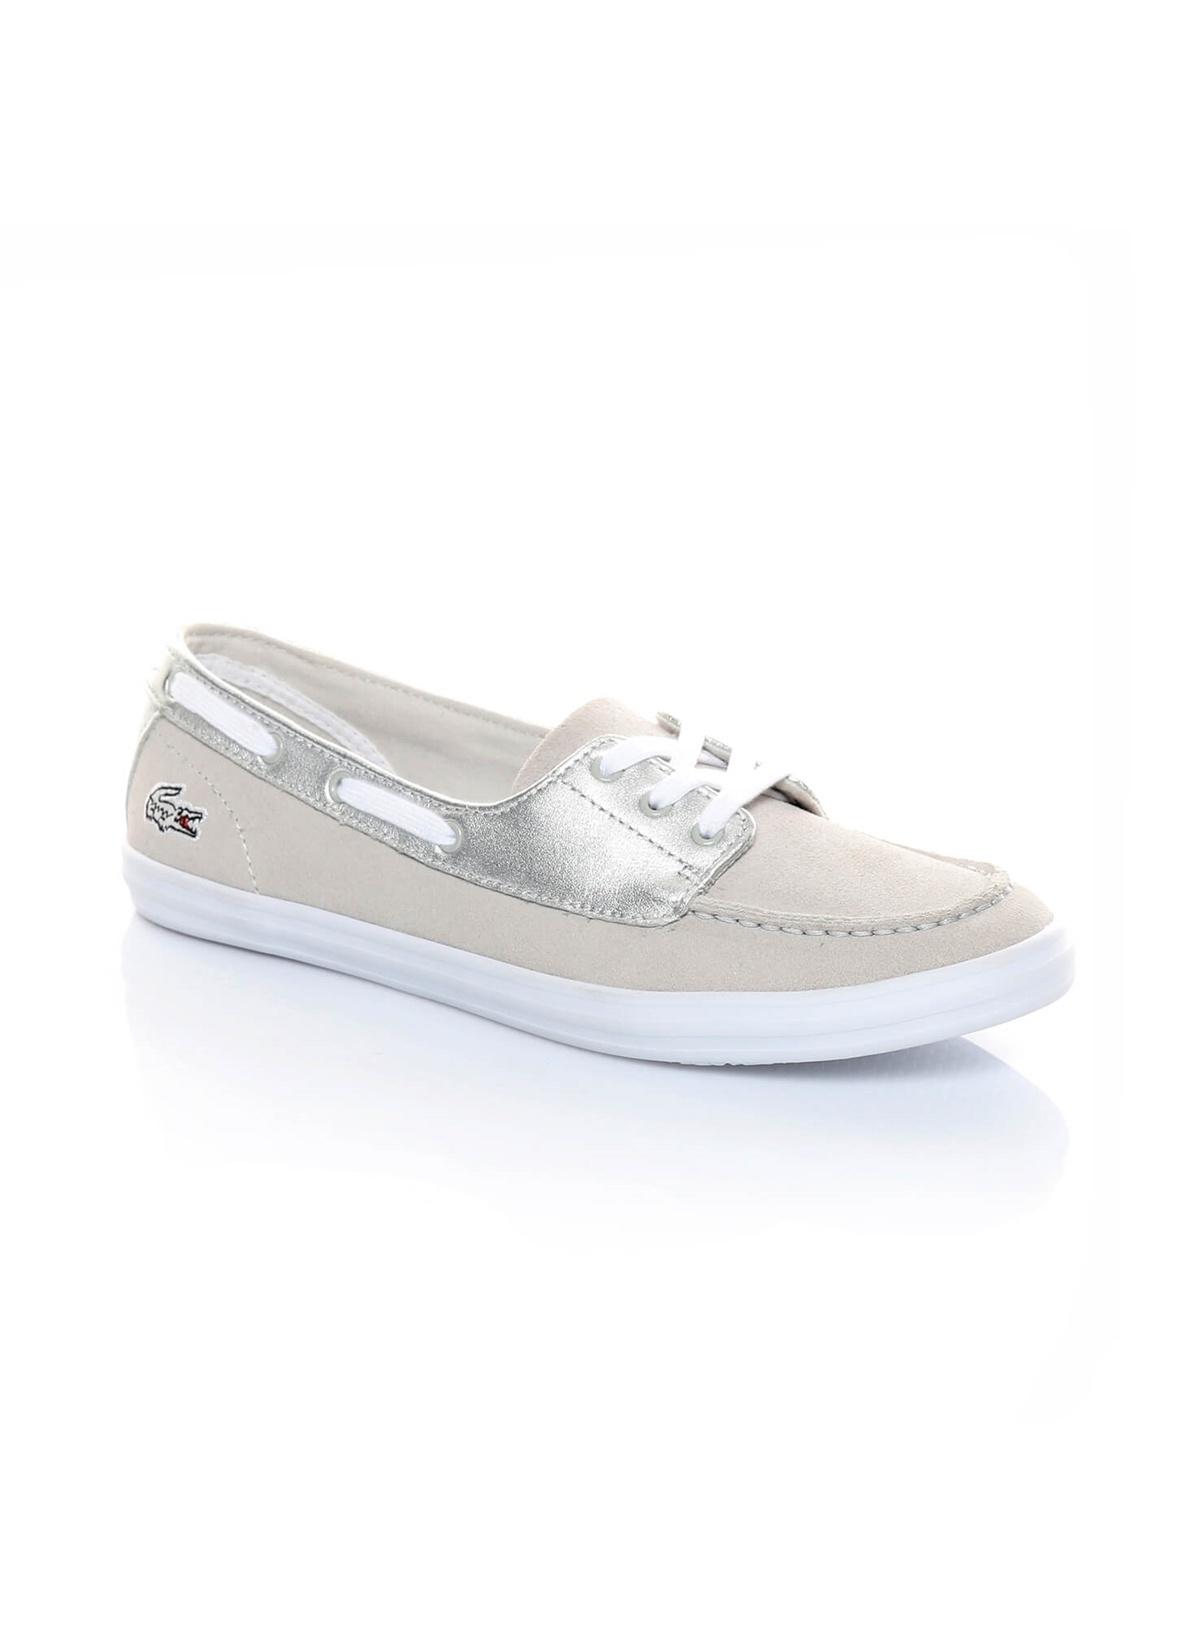 Lacoste Sneakers 731spw0033 Lacoste Kadın Gri Babet – 169.0 TL